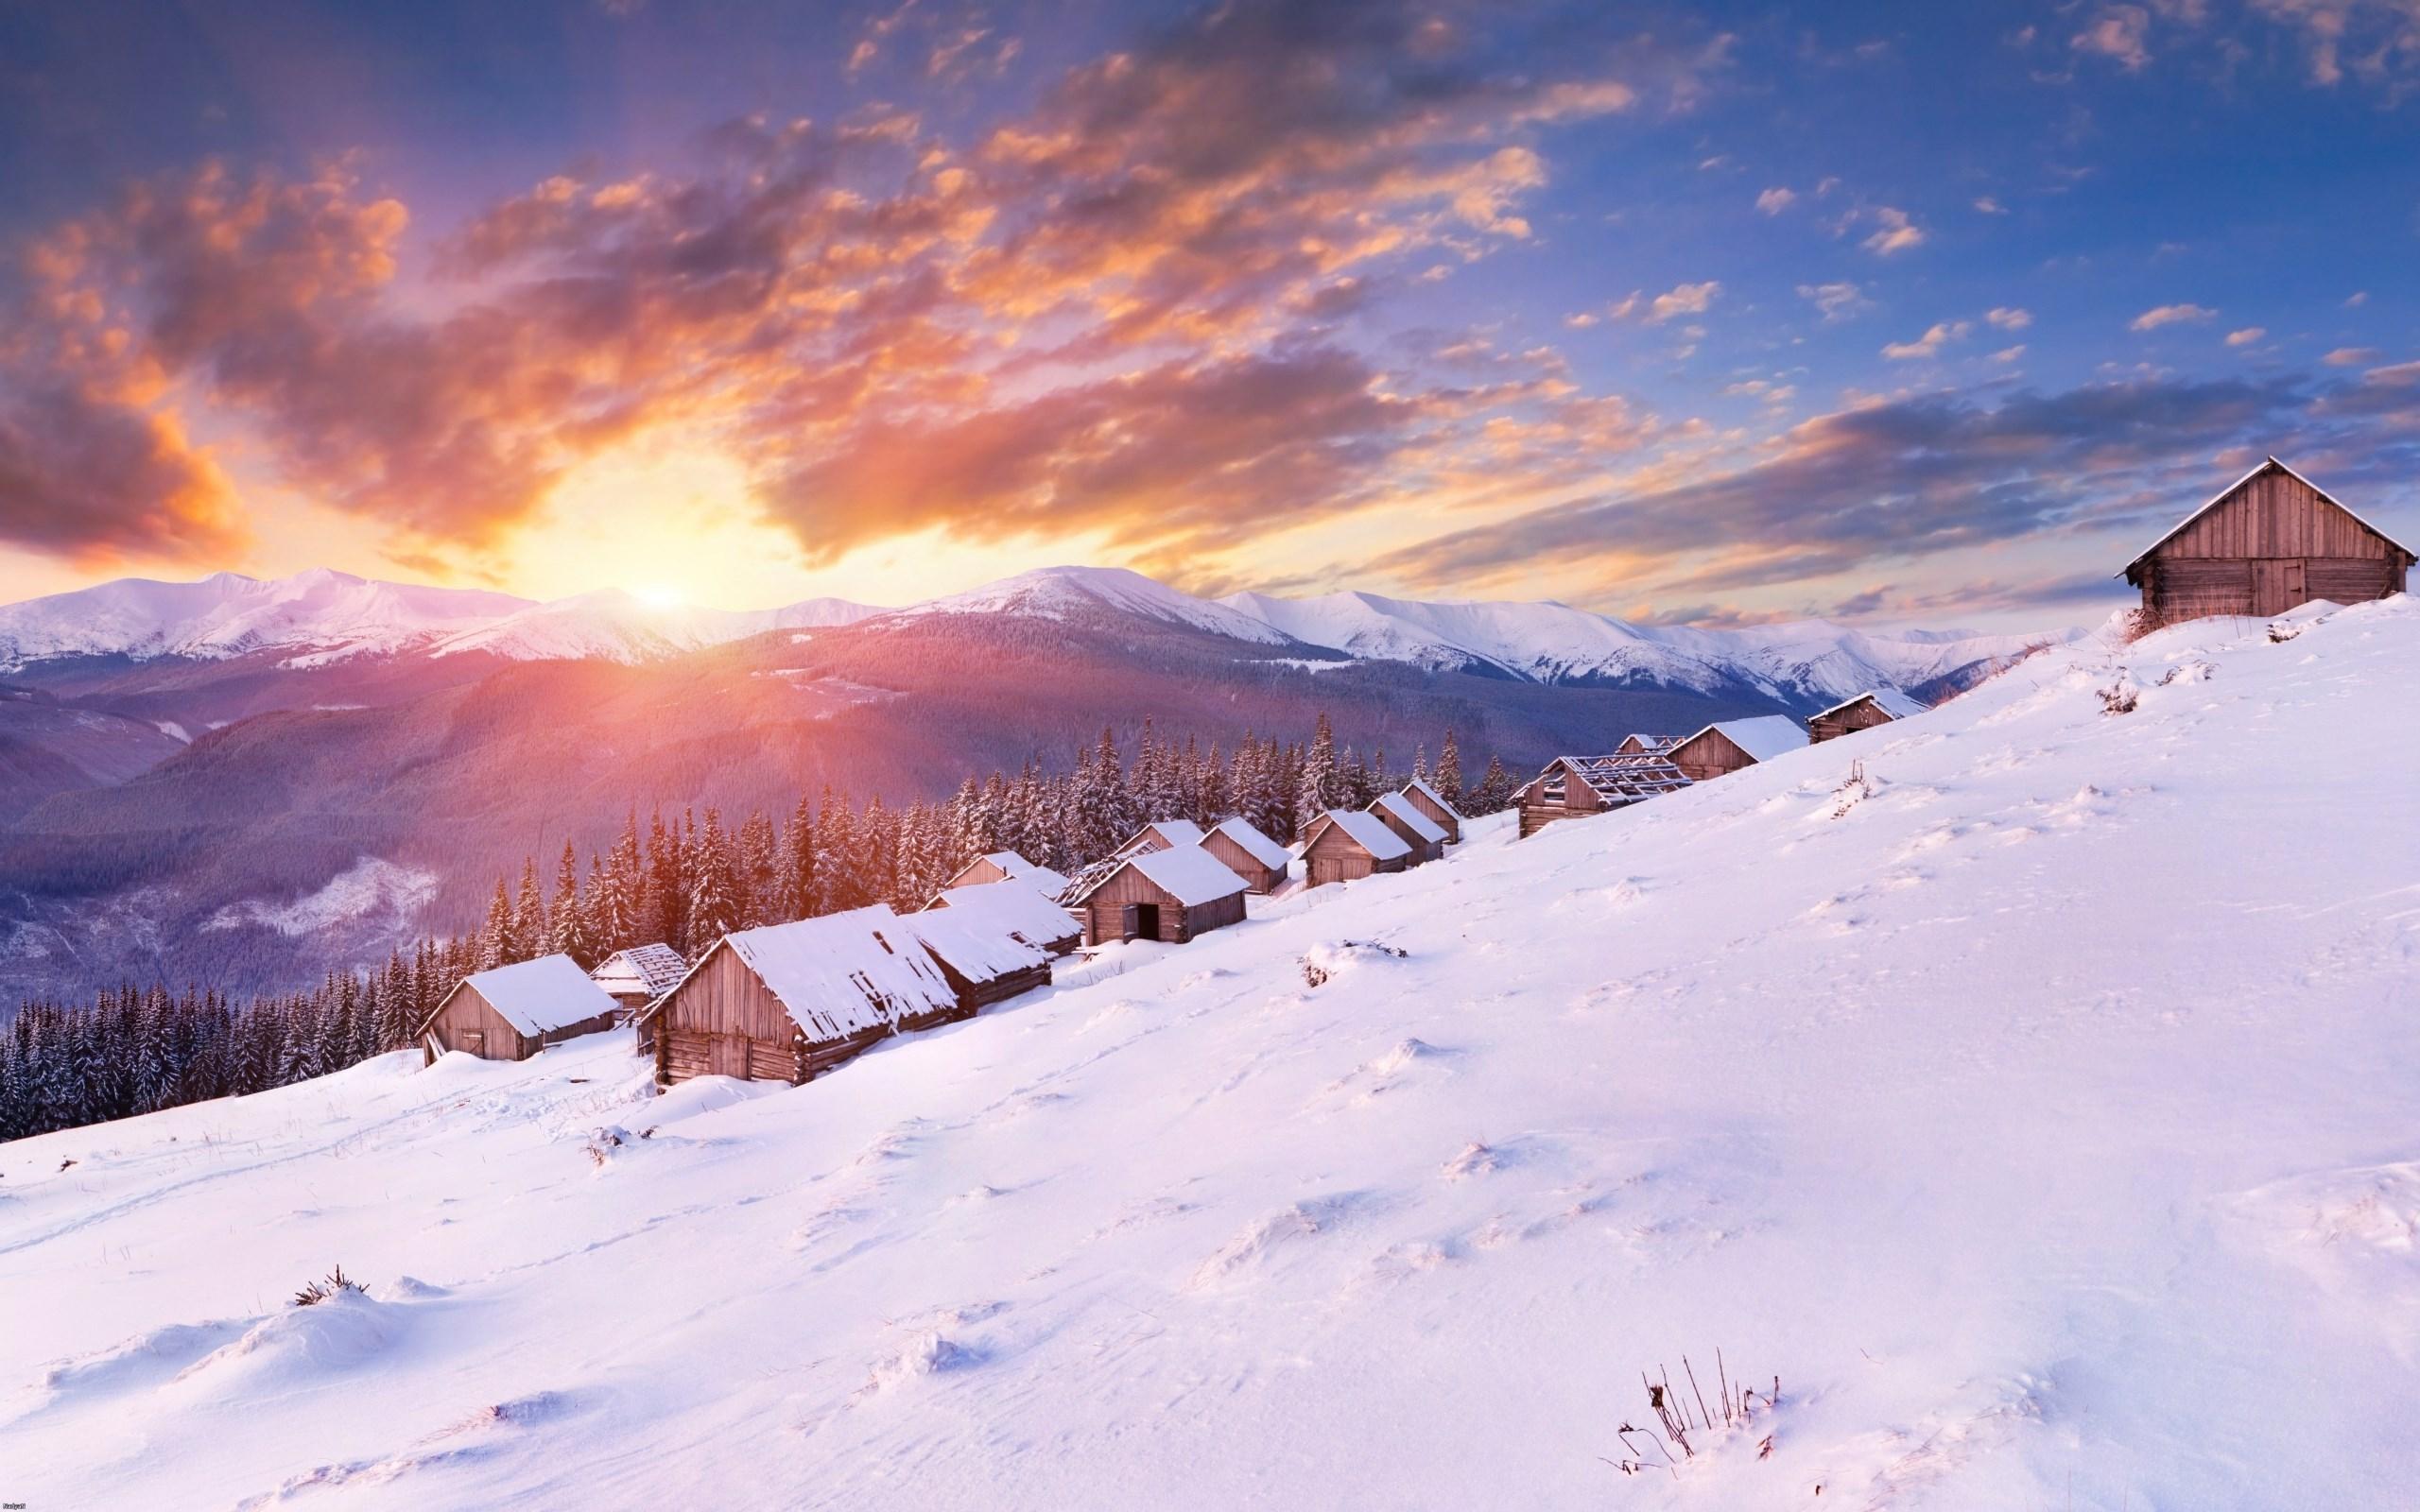 природа солнце горы скалы снег вечер без смс